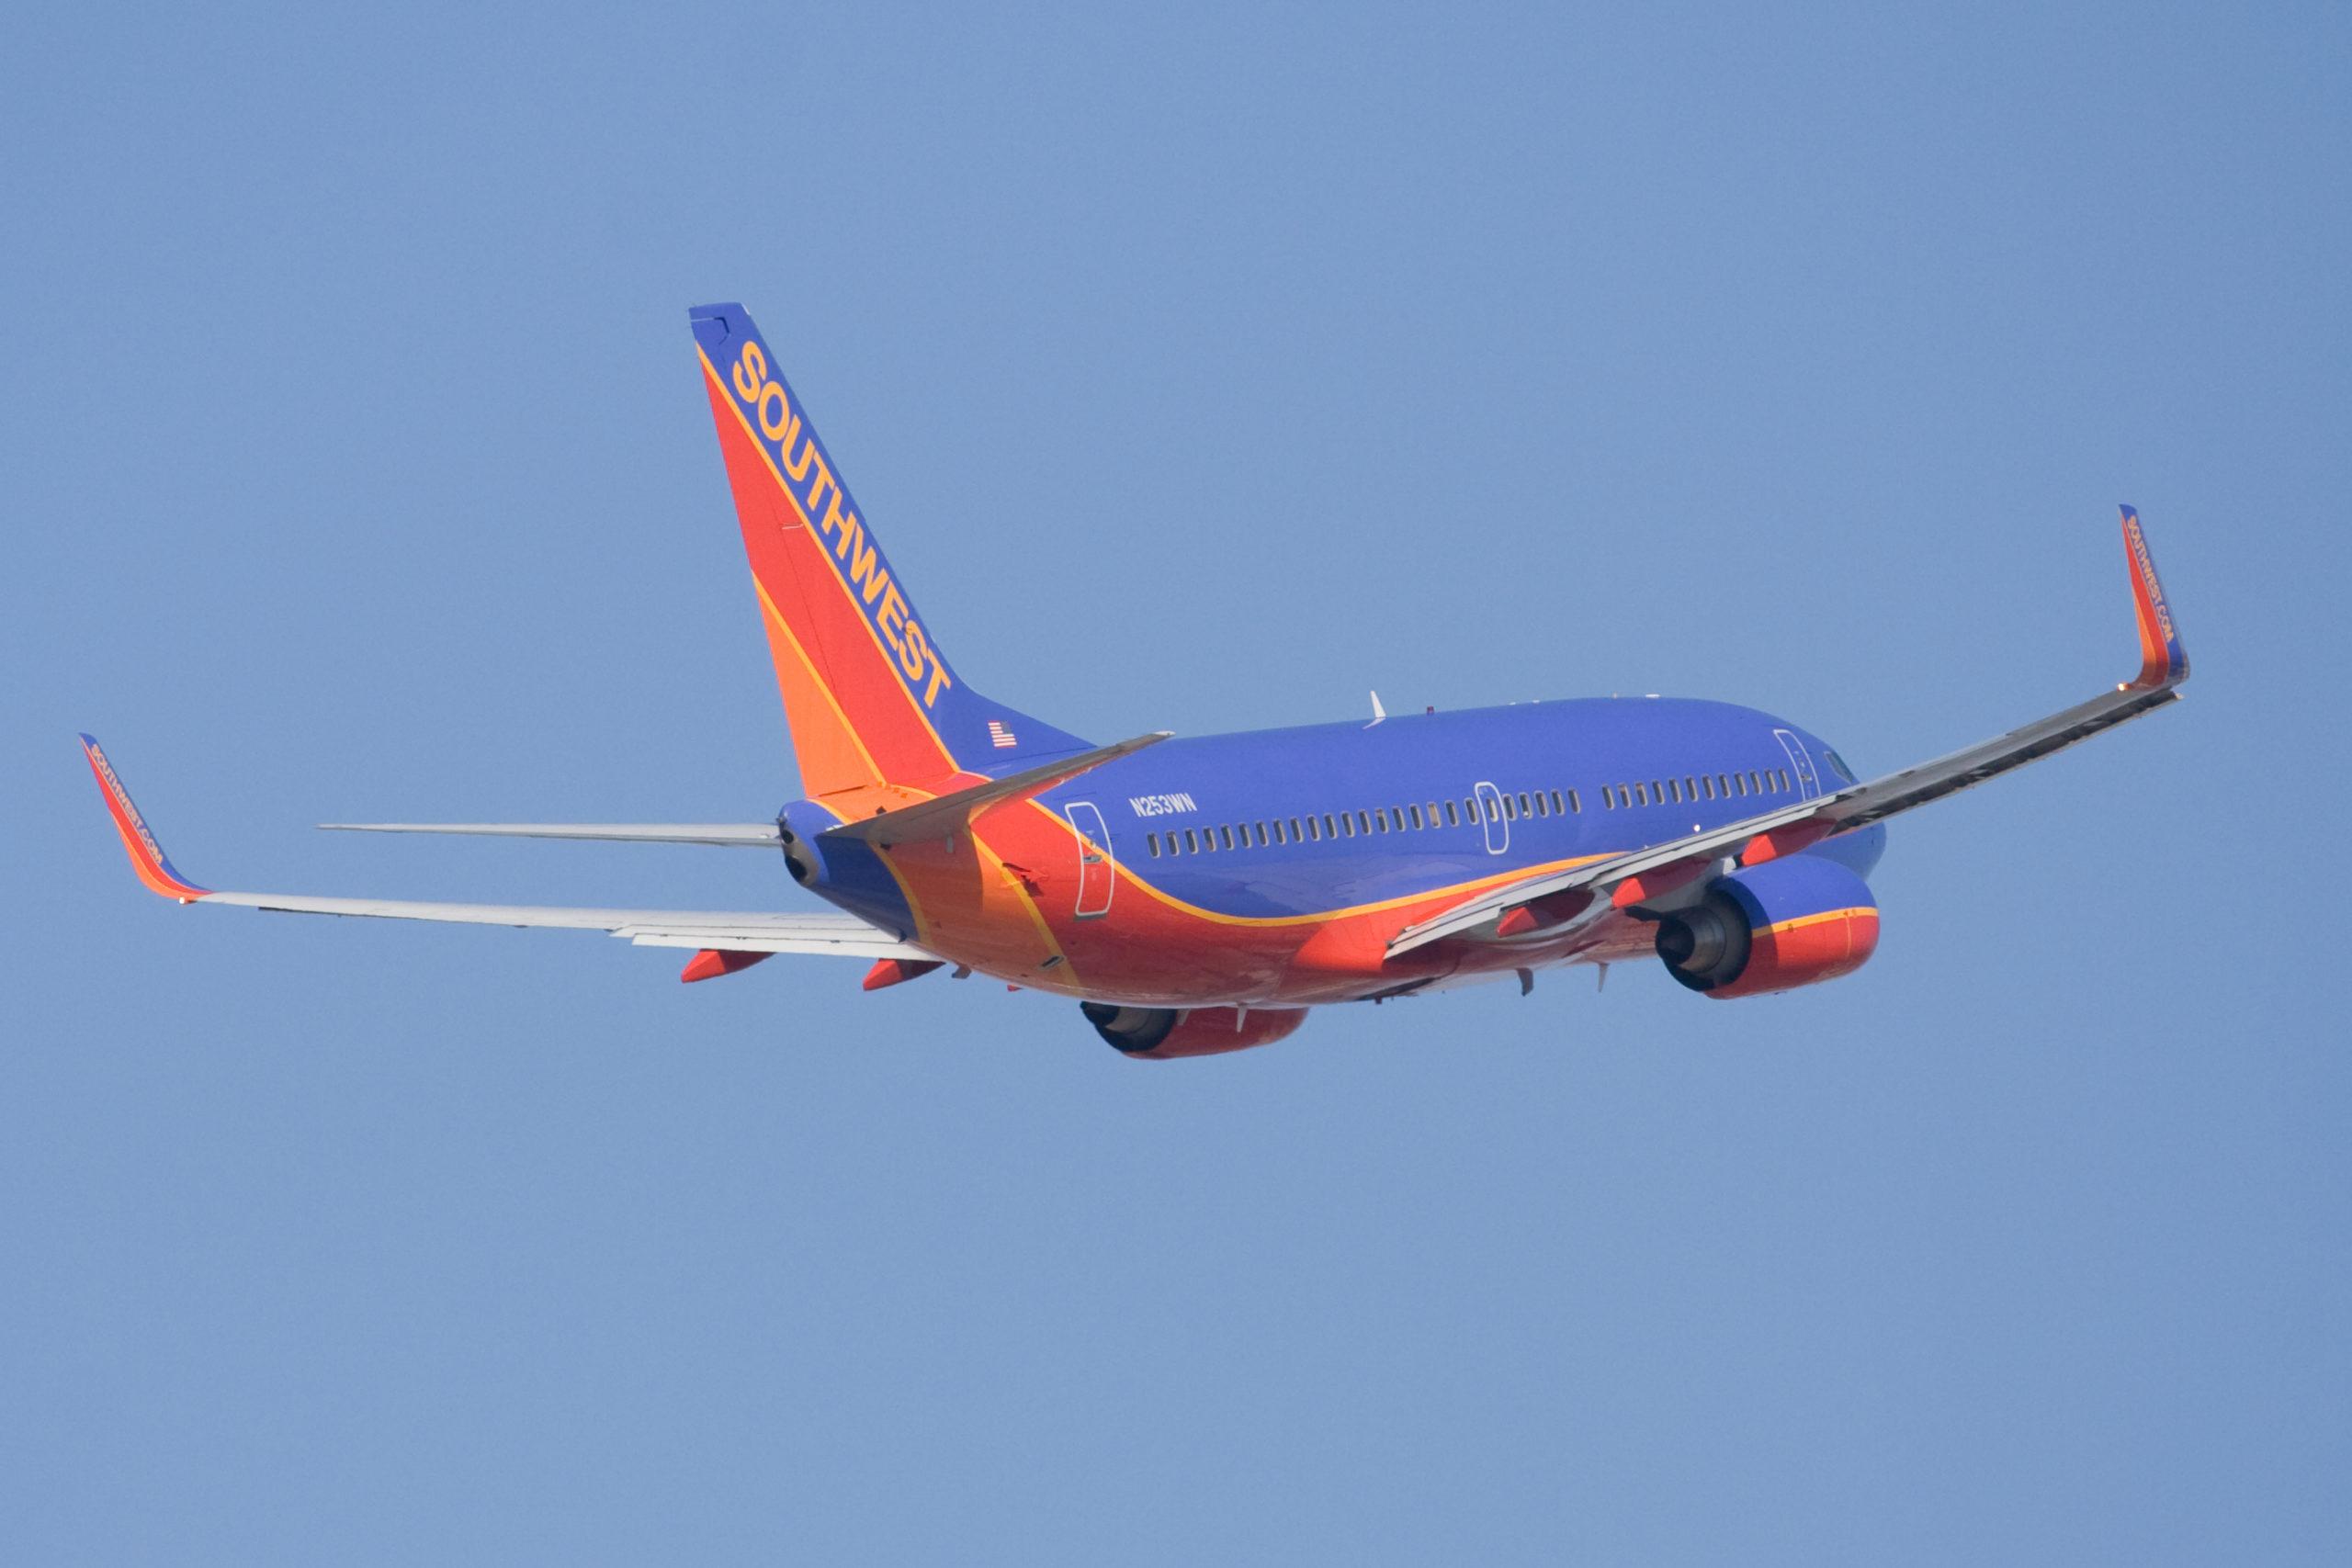 imagem de um avião no céu ilustrativo texto seguro viagem